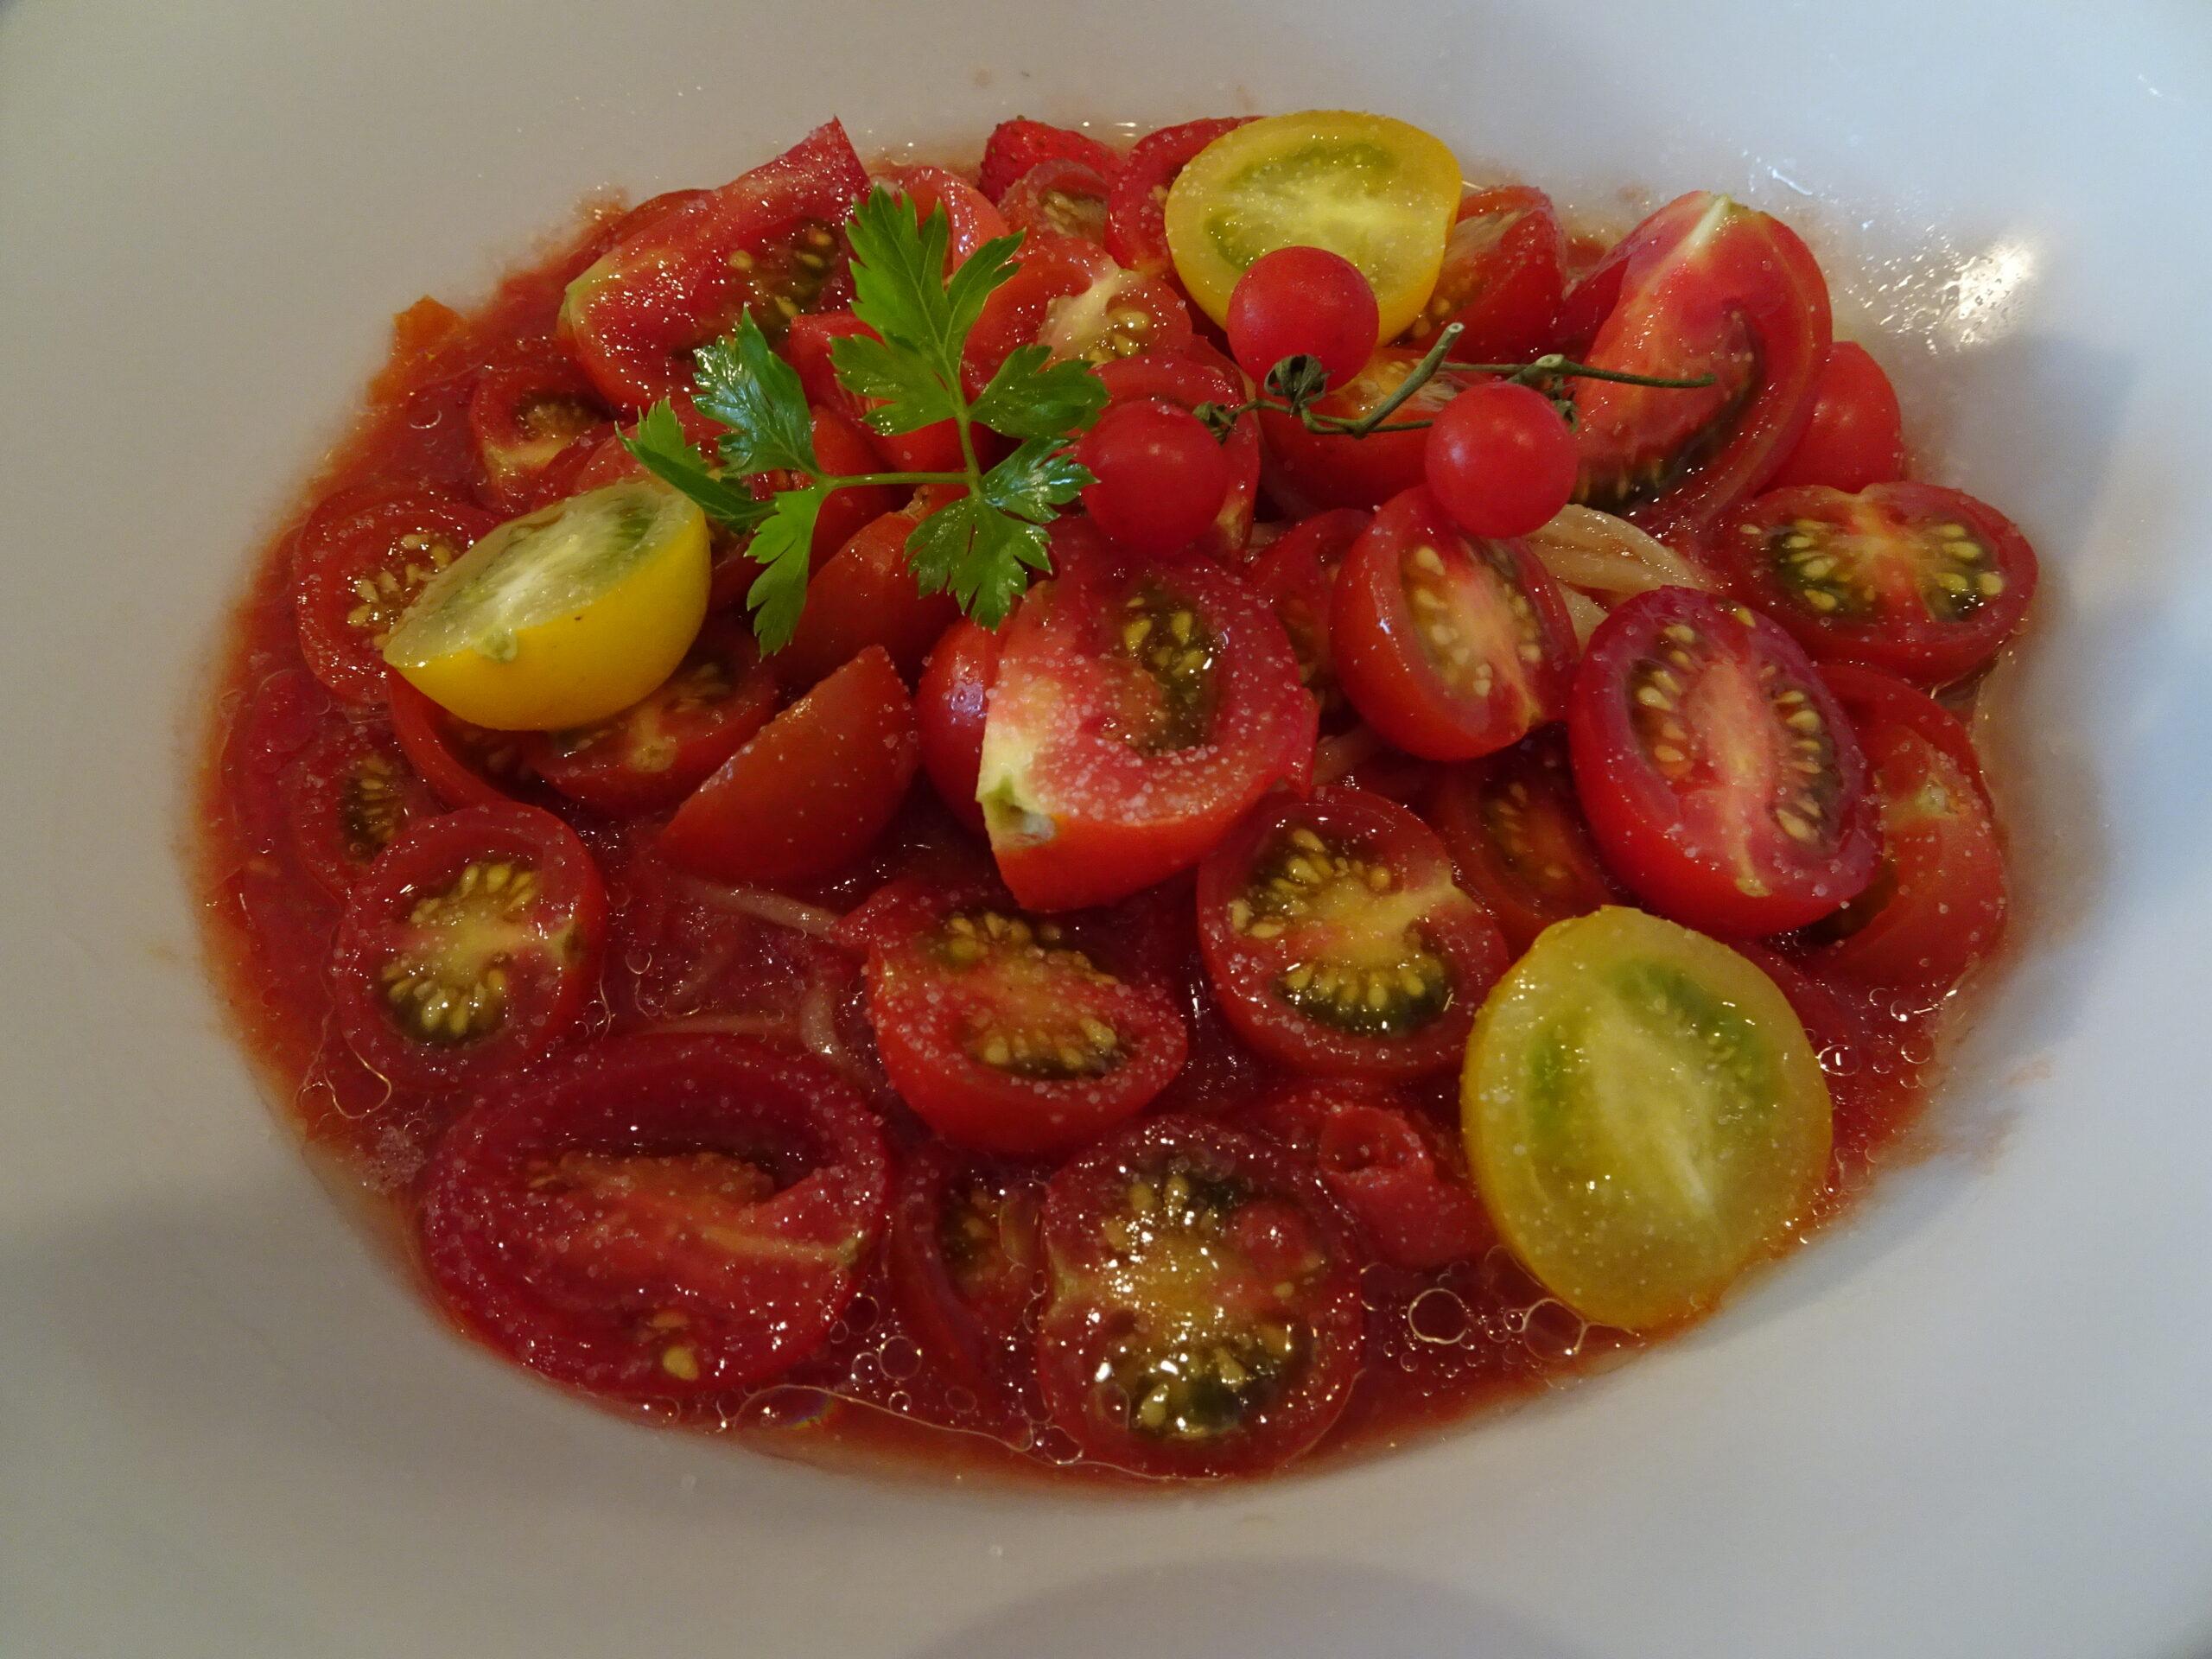 ドゥエイタリアン(DueItalian)市ヶ谷本店の冷製トマトスペシャル